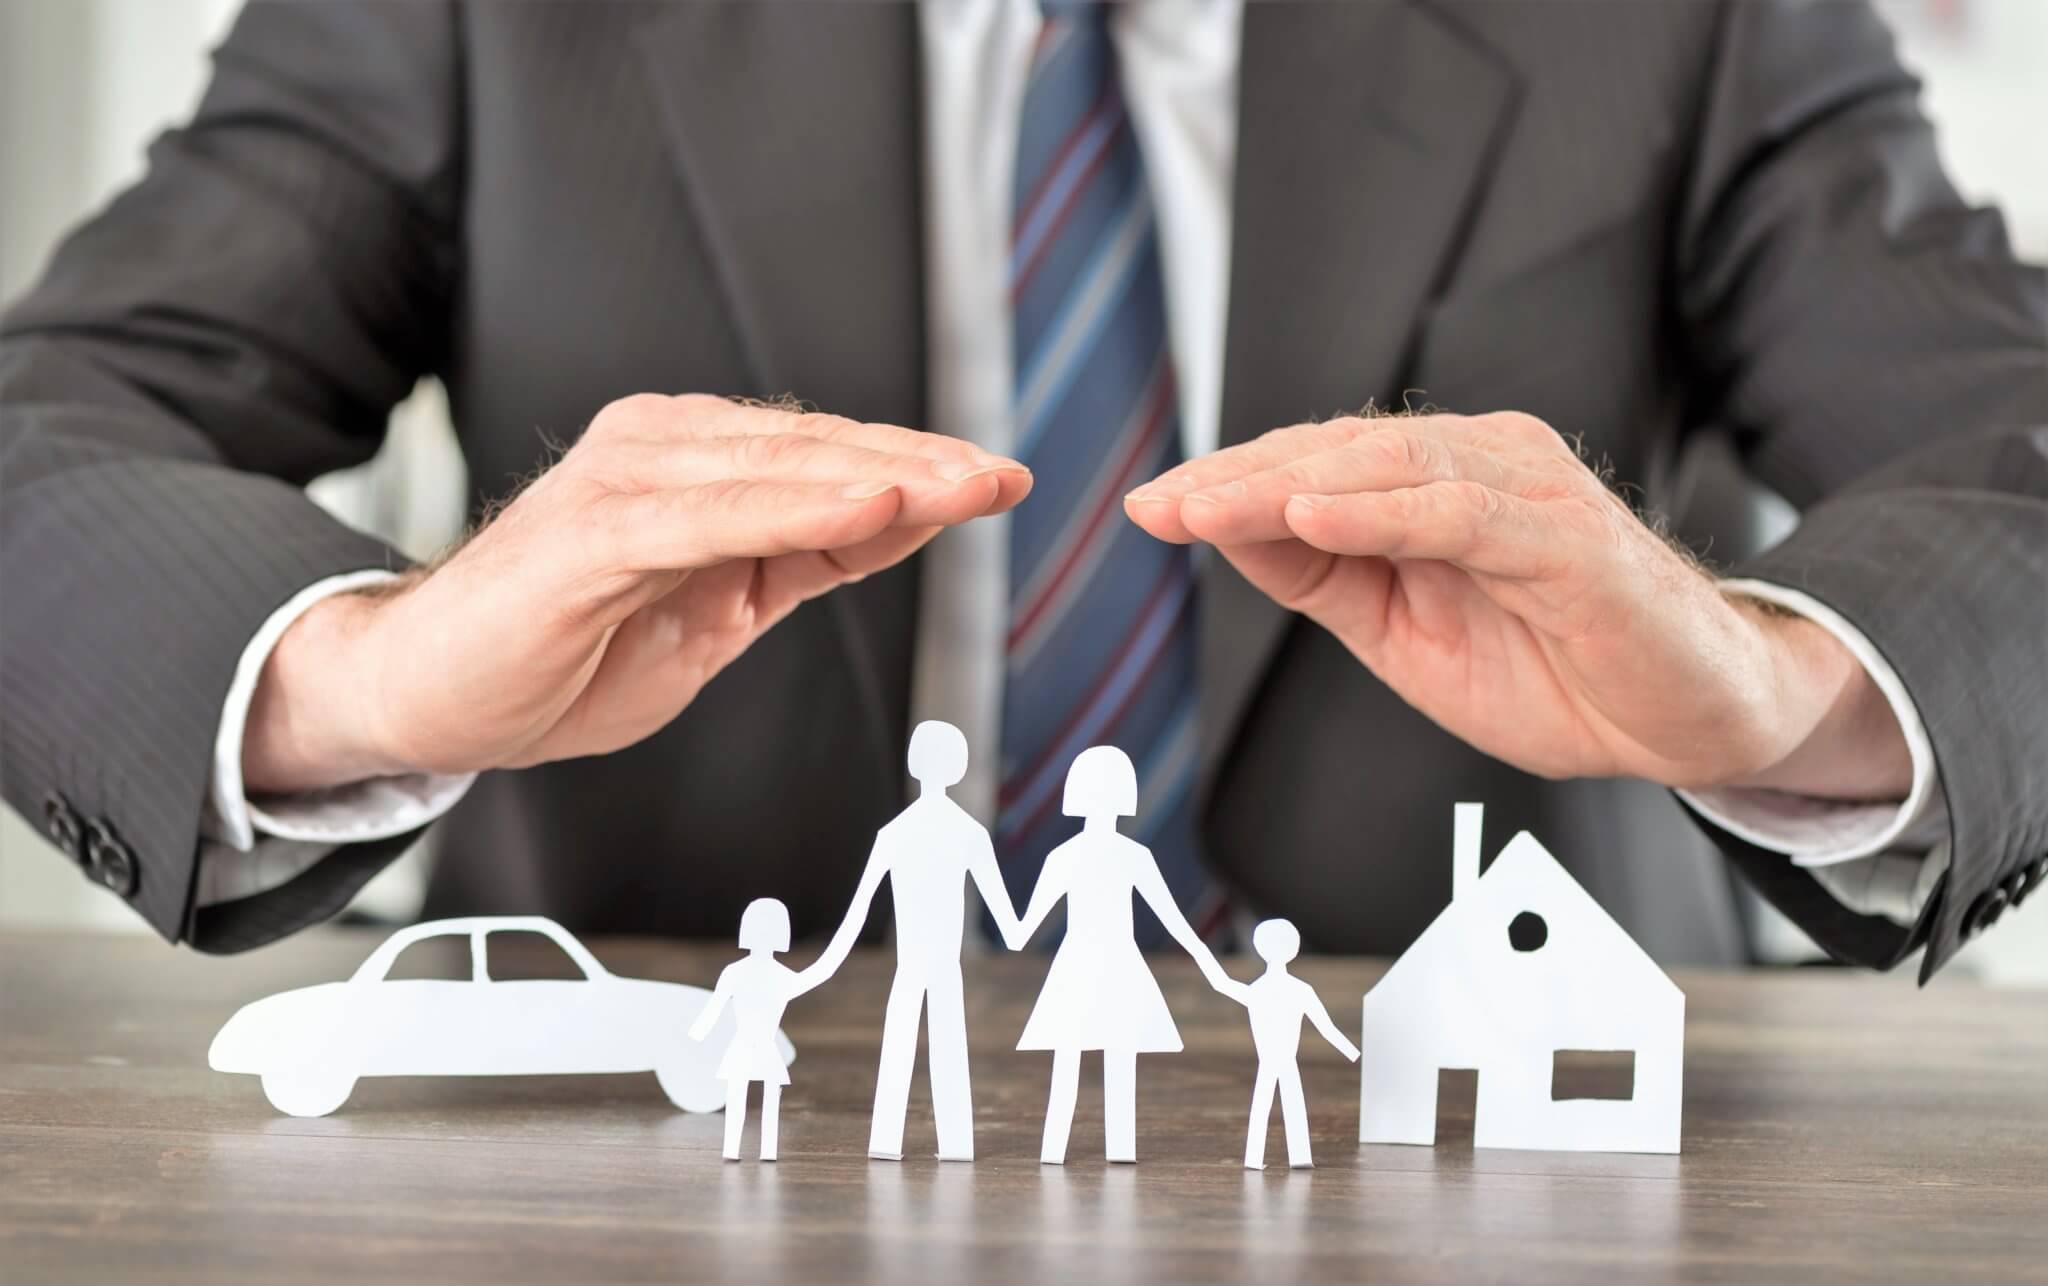 Lebensversicherungen rückabwickeln: Die IVA verhilft Versicherungsnehmern zu ihrem Recht